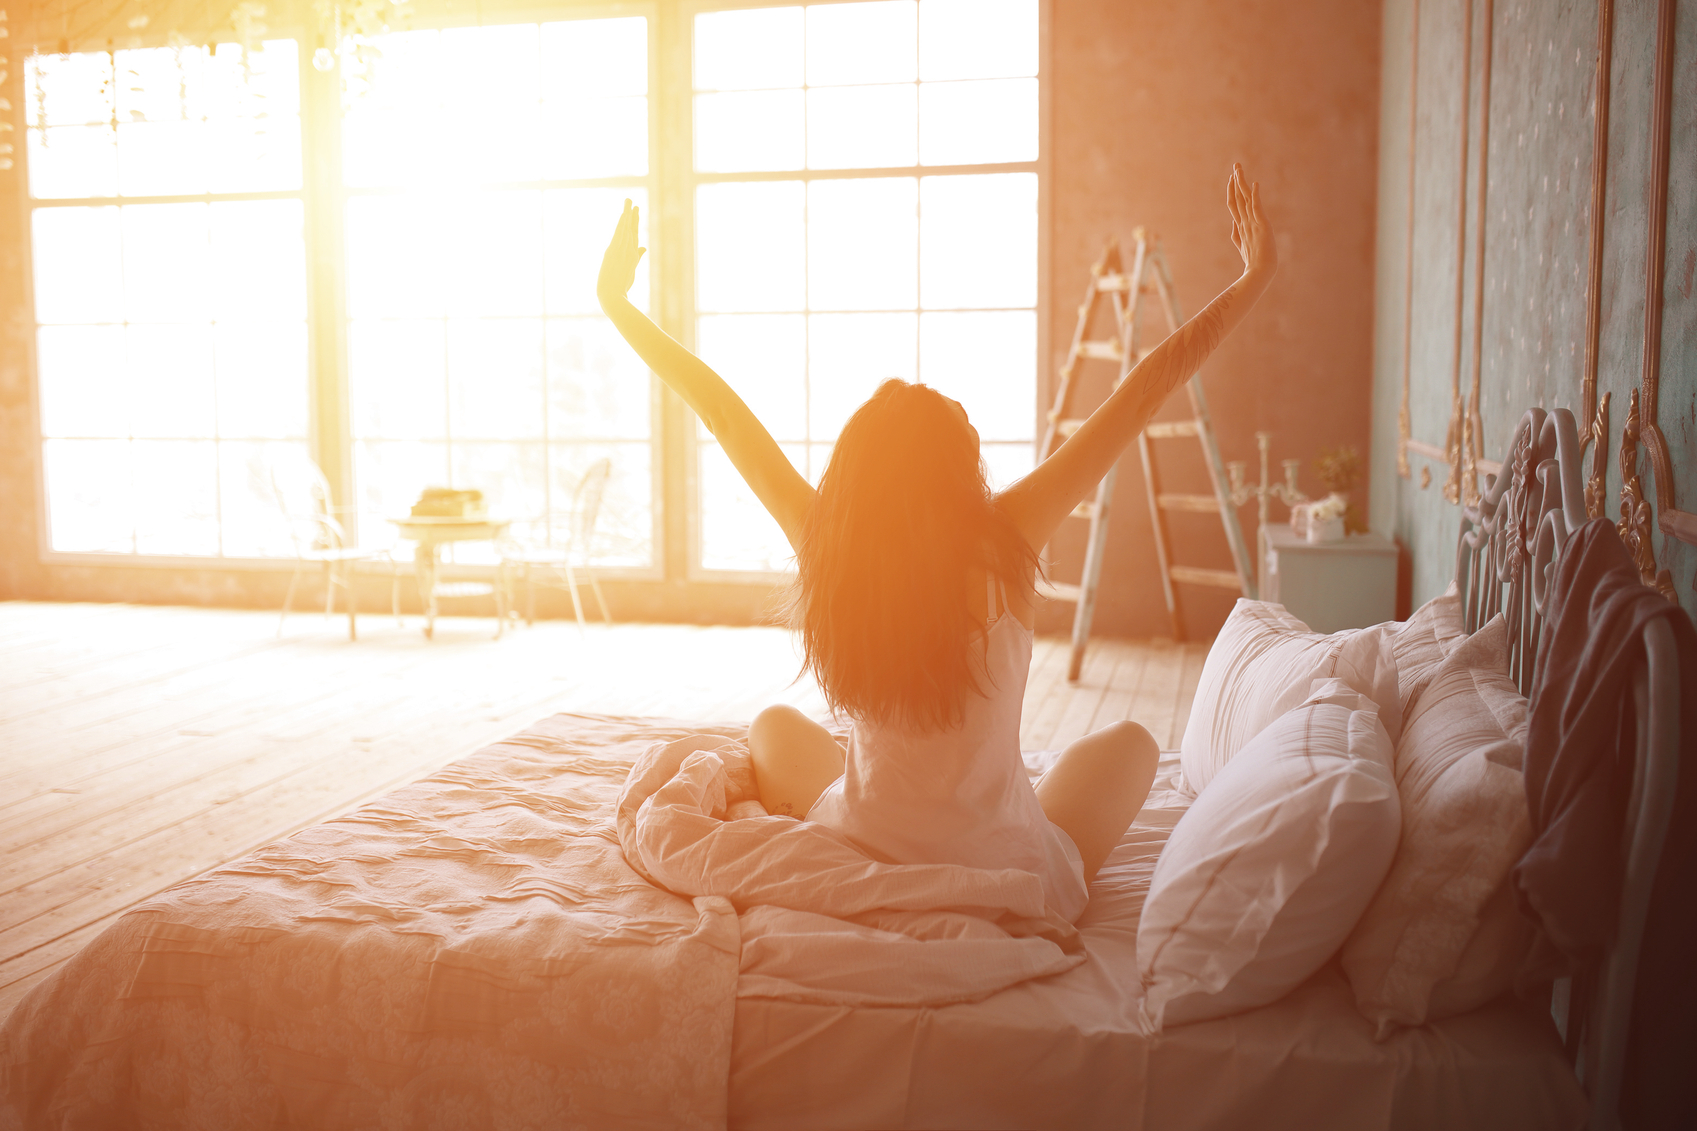 Con tan solo despertar una hora antes de lo habitual el riesgo de depresión se reduce en un 23%